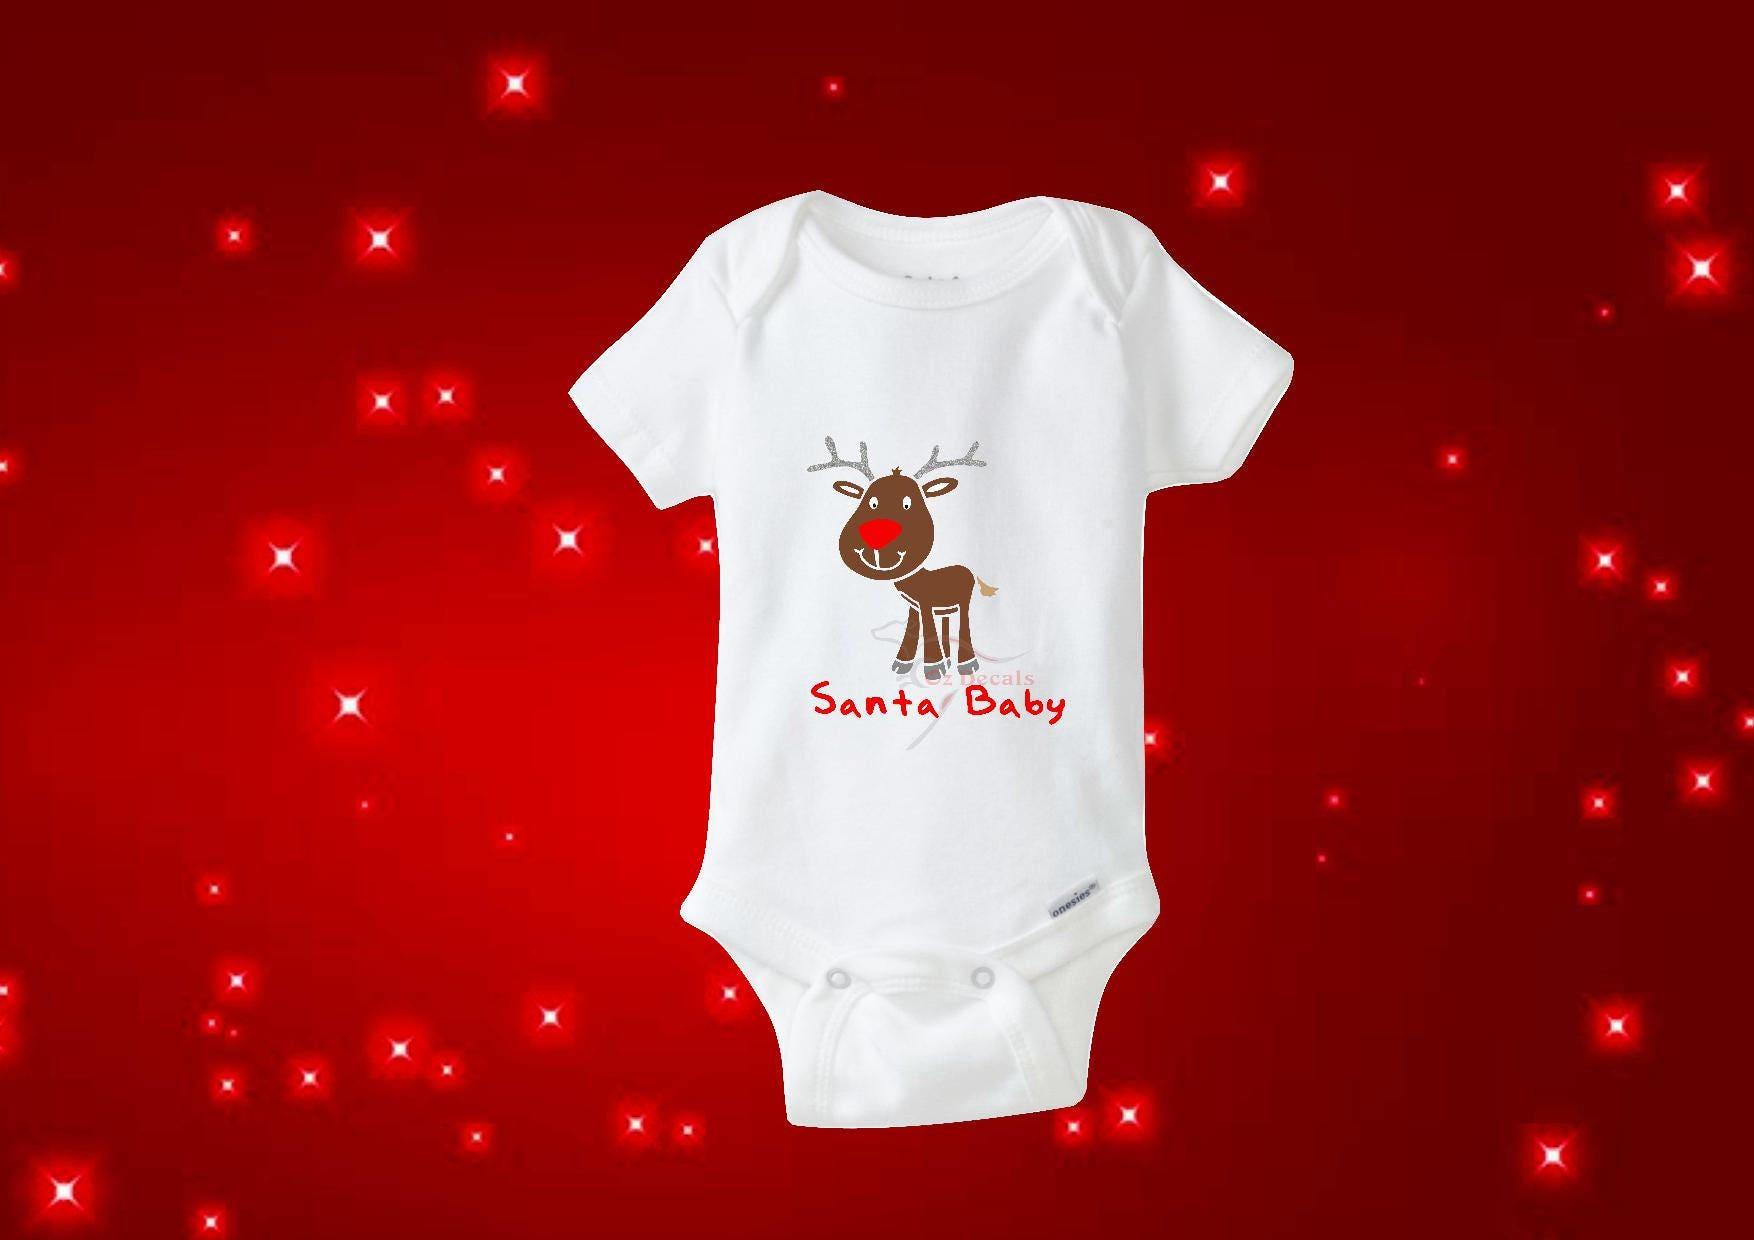 Santa Baby Baby Bodysuit Baby Gift Christmas Bodysuit Etsy